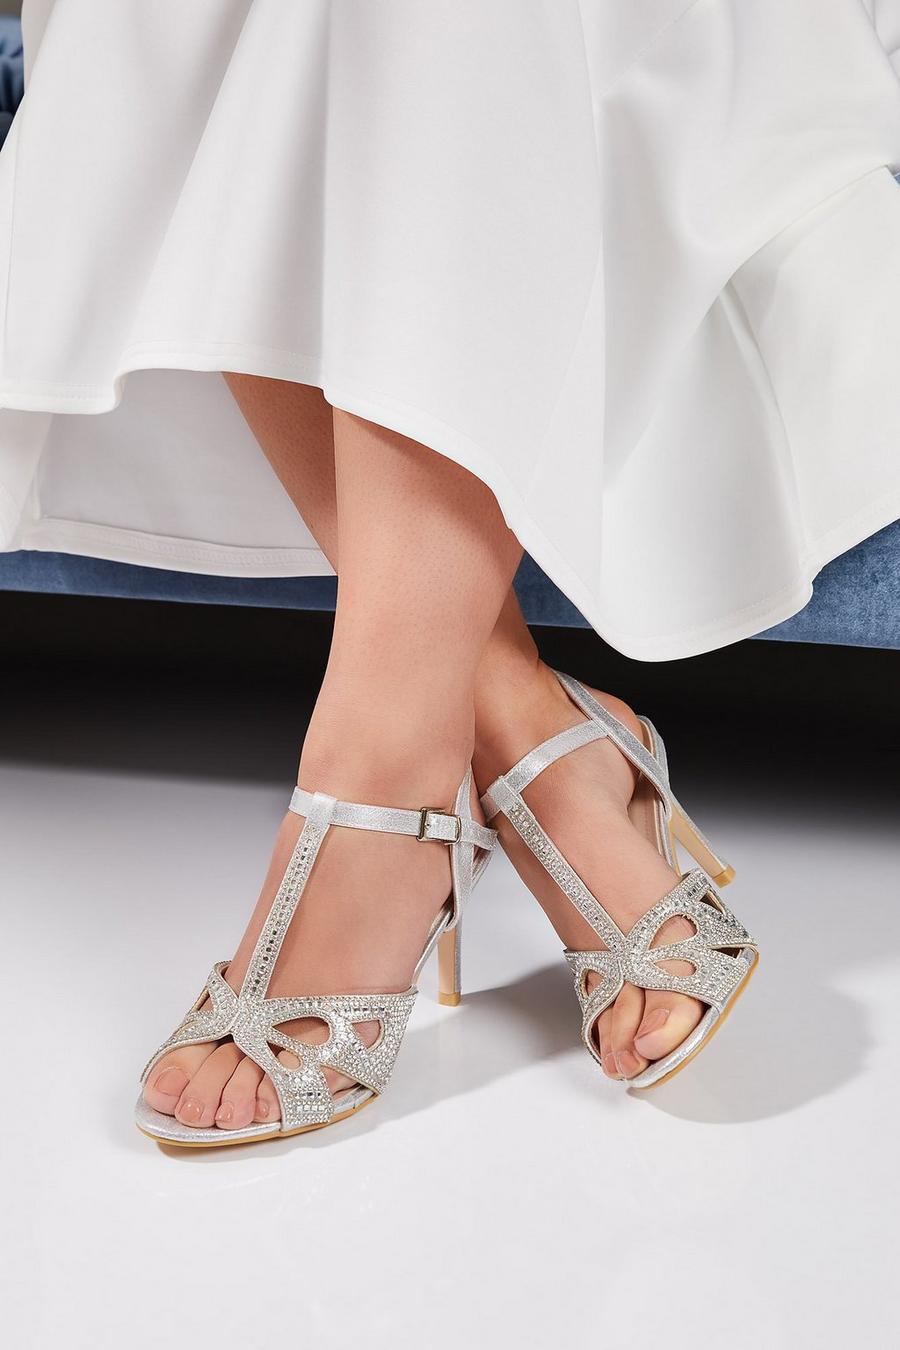 ddb33510eb7 Bridal Silver Diamante T-Bar Heeled Sandals